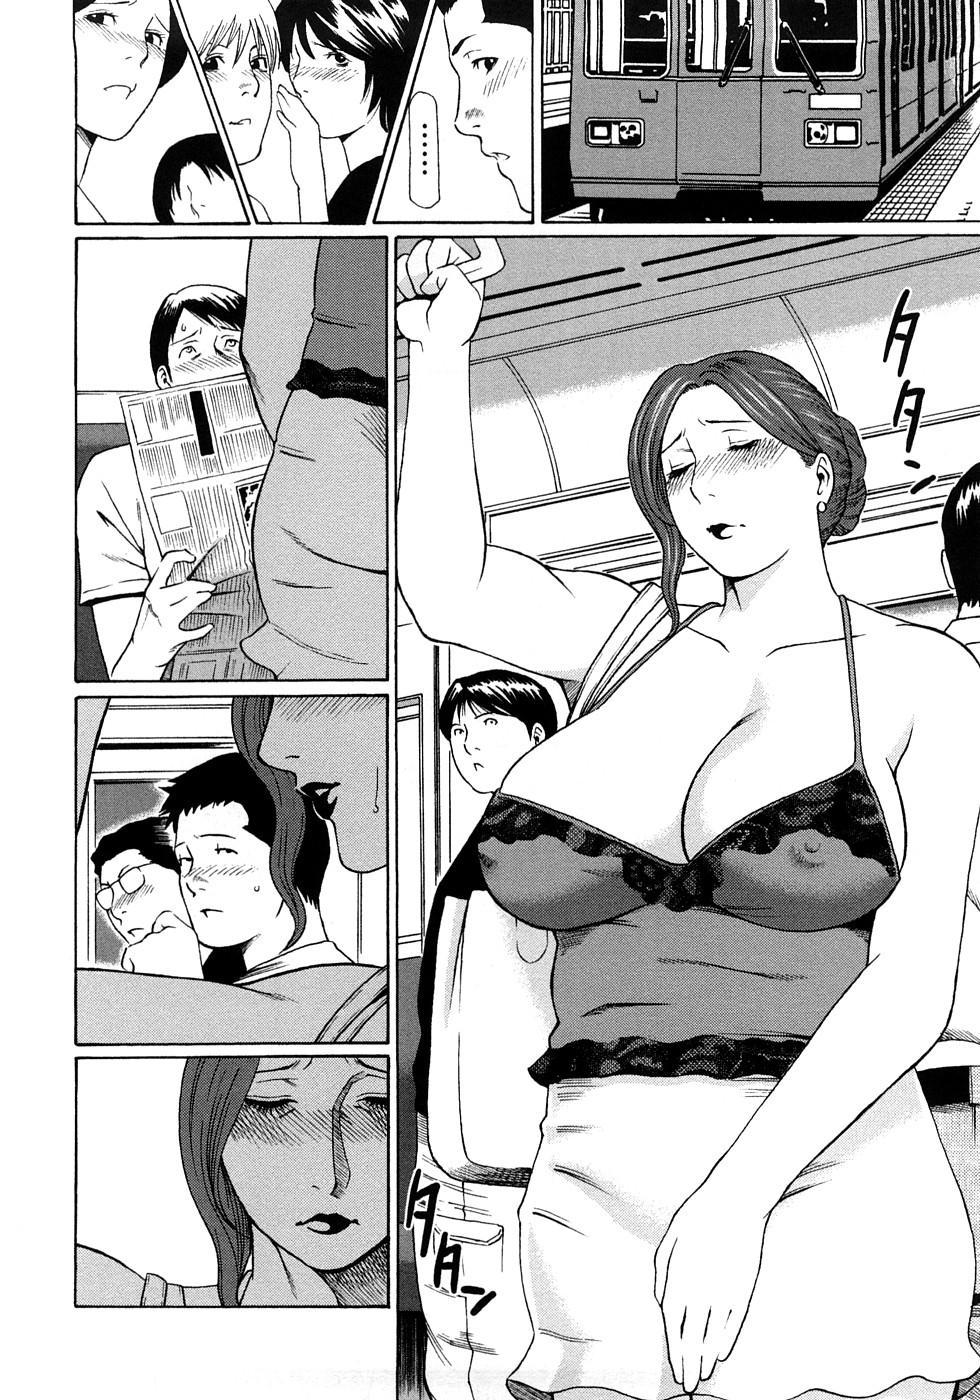 Etsuraku no Tobira - The Door of Sexual Pleasure 134